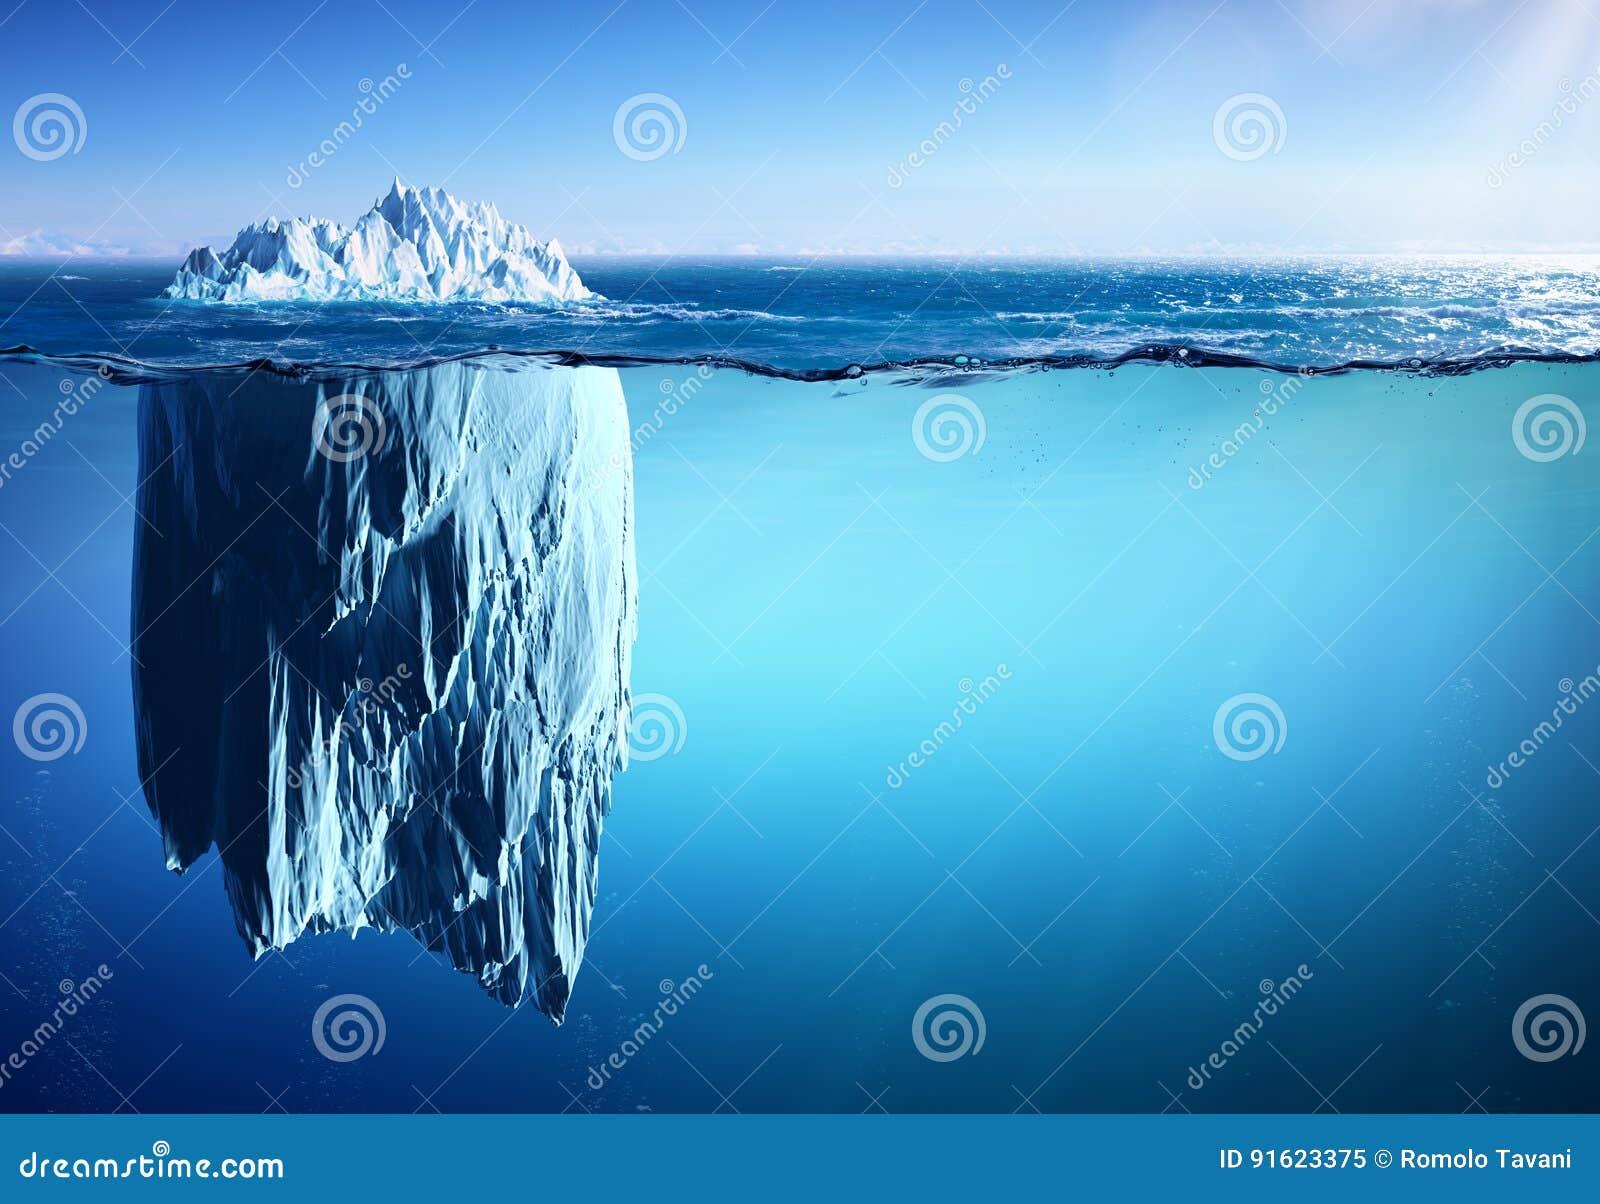 Айсберг плавая на море - возникновение и глобальное потепление